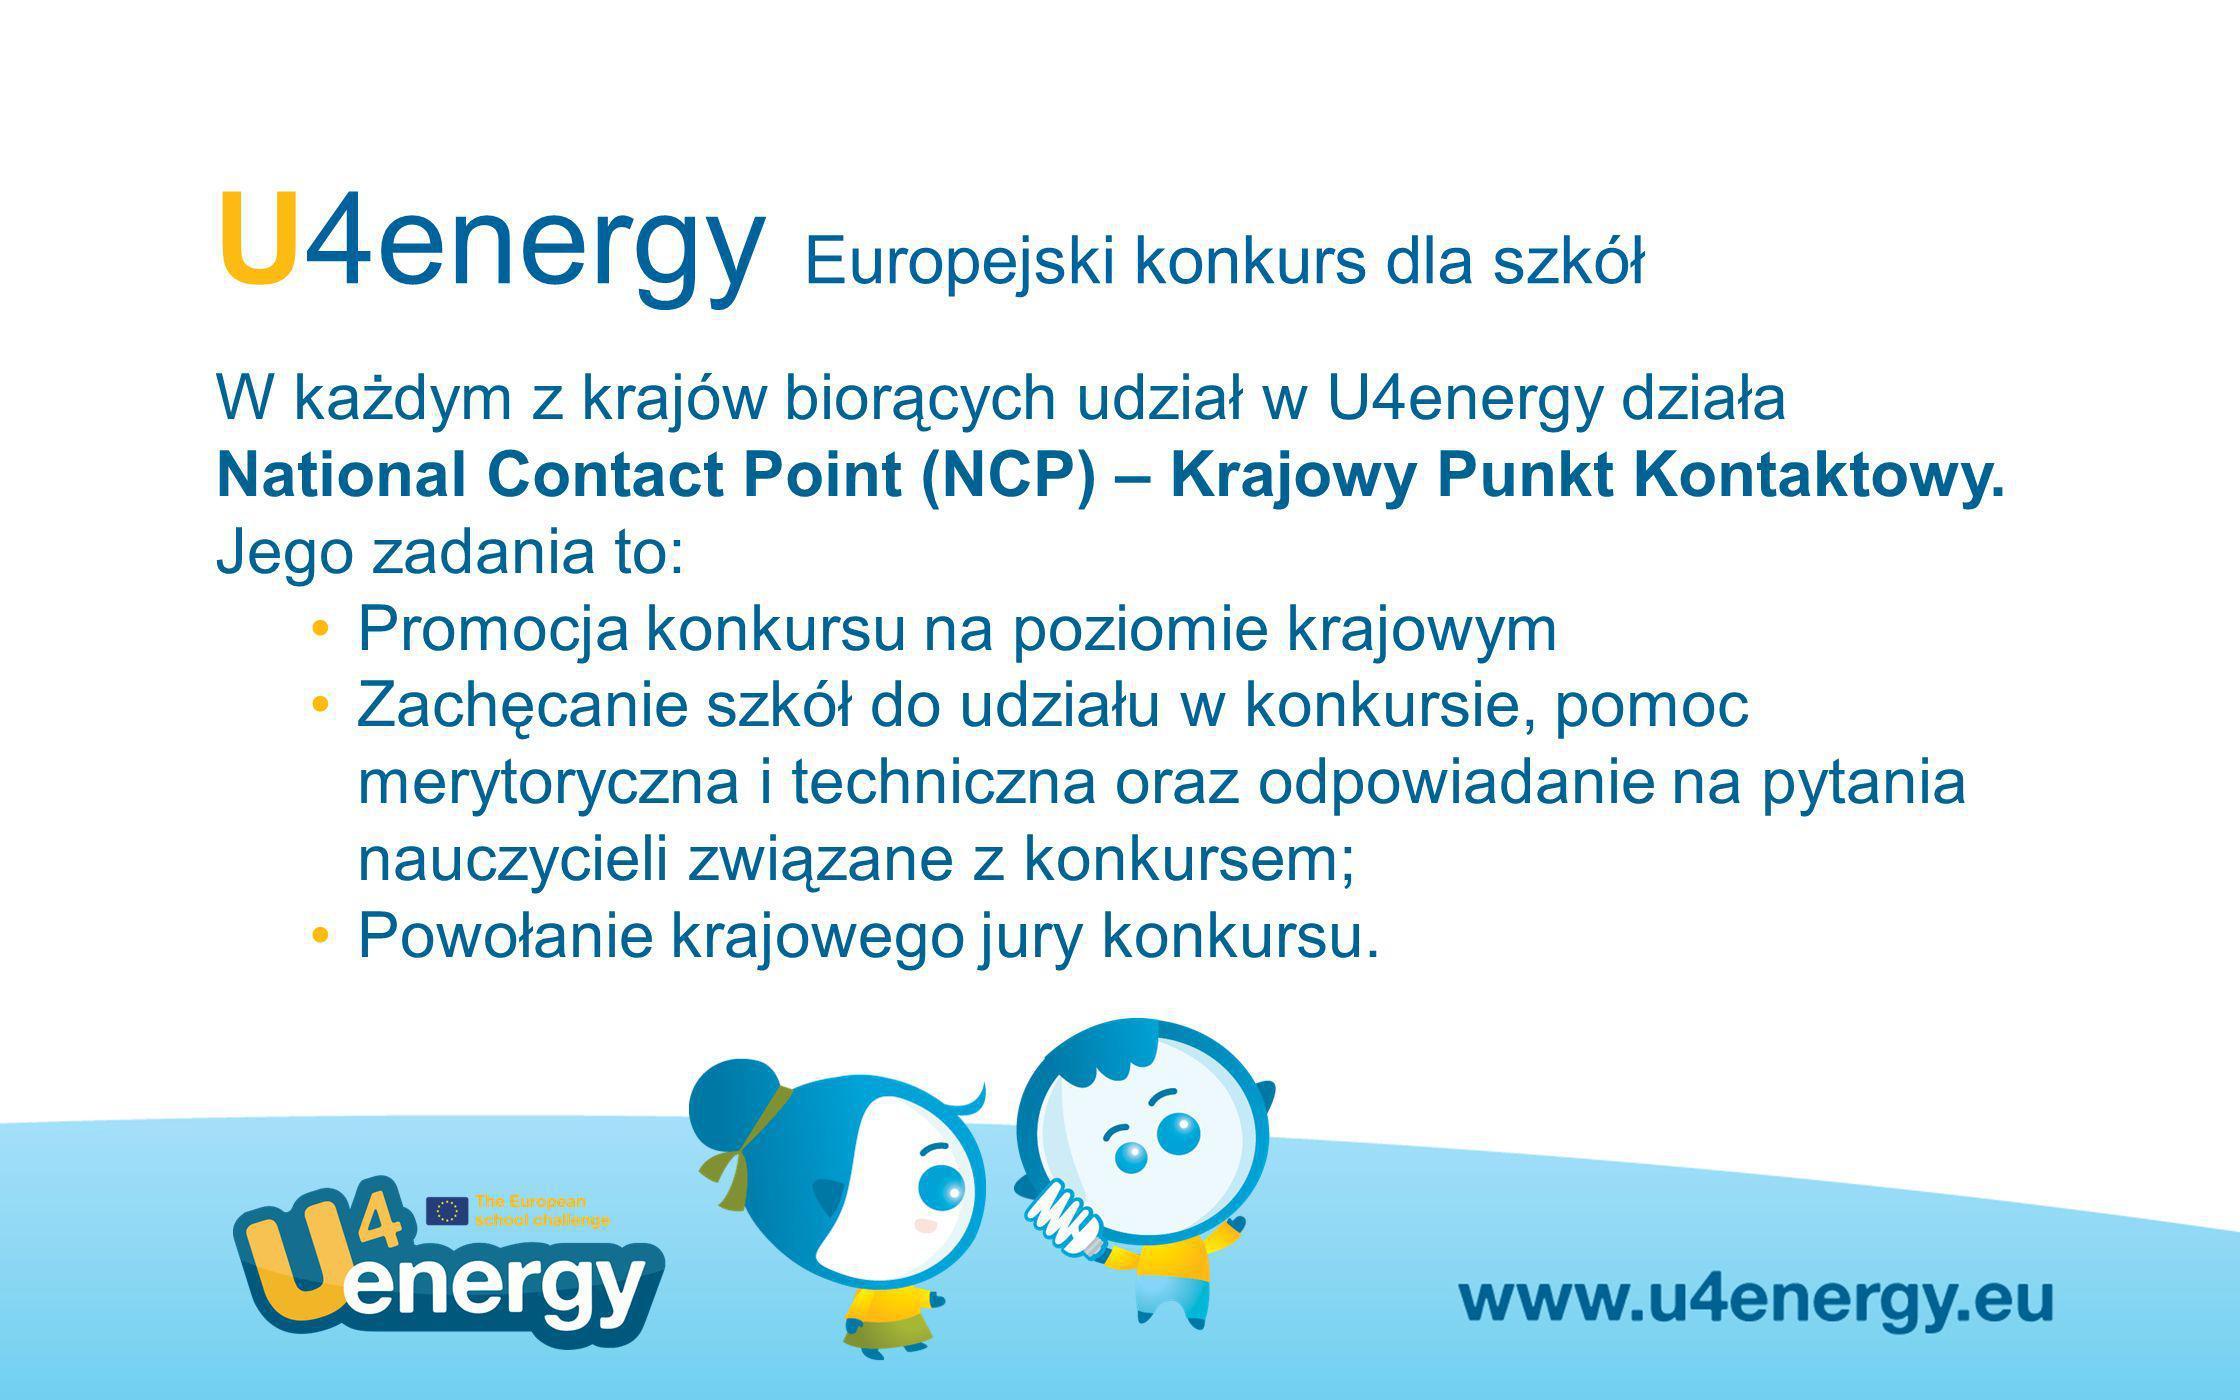 U4energy Europejski konkurs dla szkół 2 edycje konkursu: I w roku szkolnym 2010-2011: wrzesień 2010 – maj 2011 II w roku szkolnym 2011 -2012: 16.09.2011 - 16 maja 2012